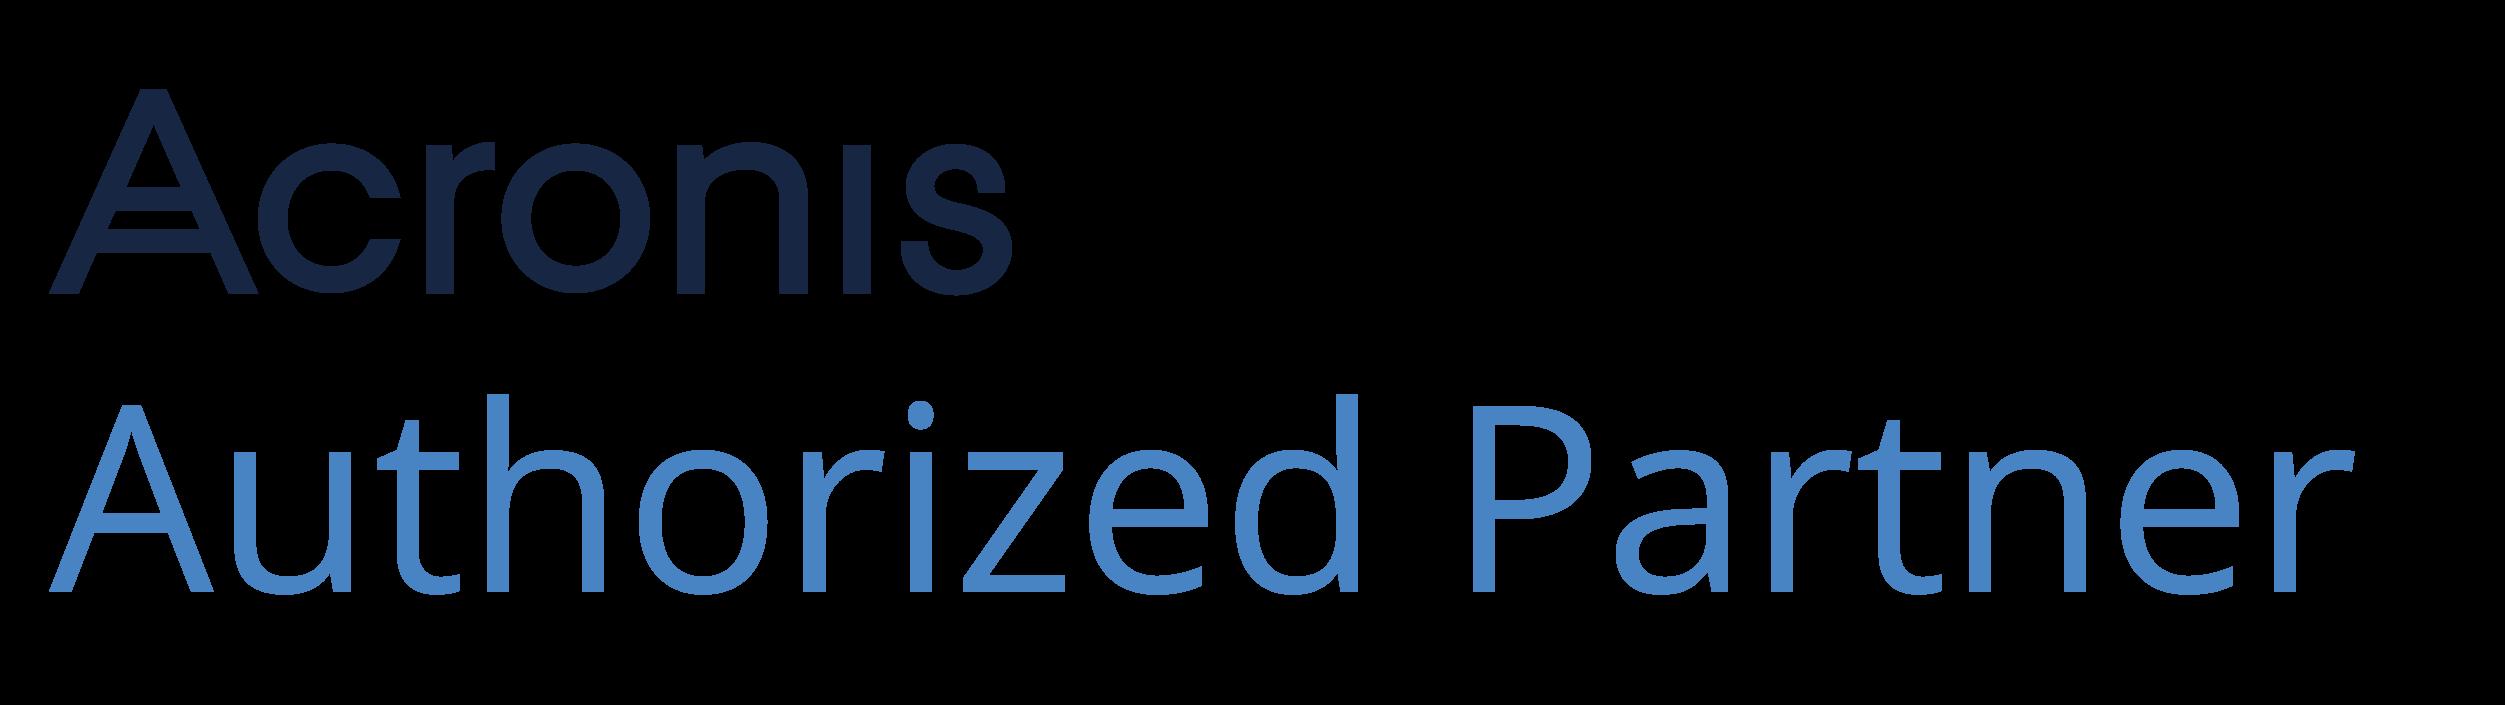 authorized_partner_logo_2